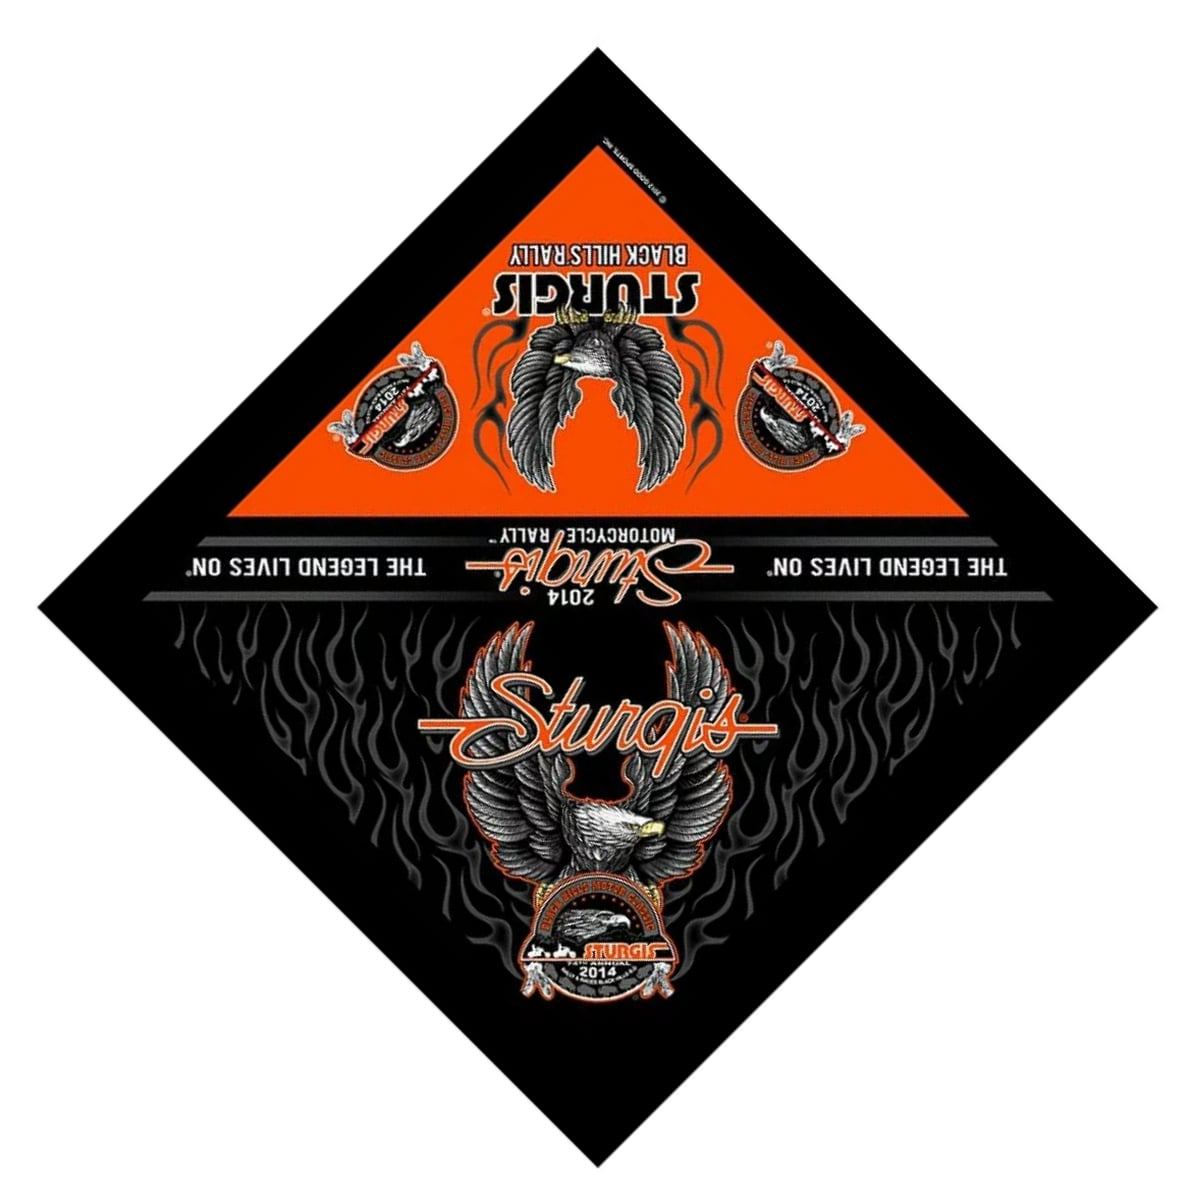 ハンカチ・ハンドタオル, バンダナ ! Sturgis Motorcycle Rally Official 2014 Upwing Eagle Bandana ! ! ! !